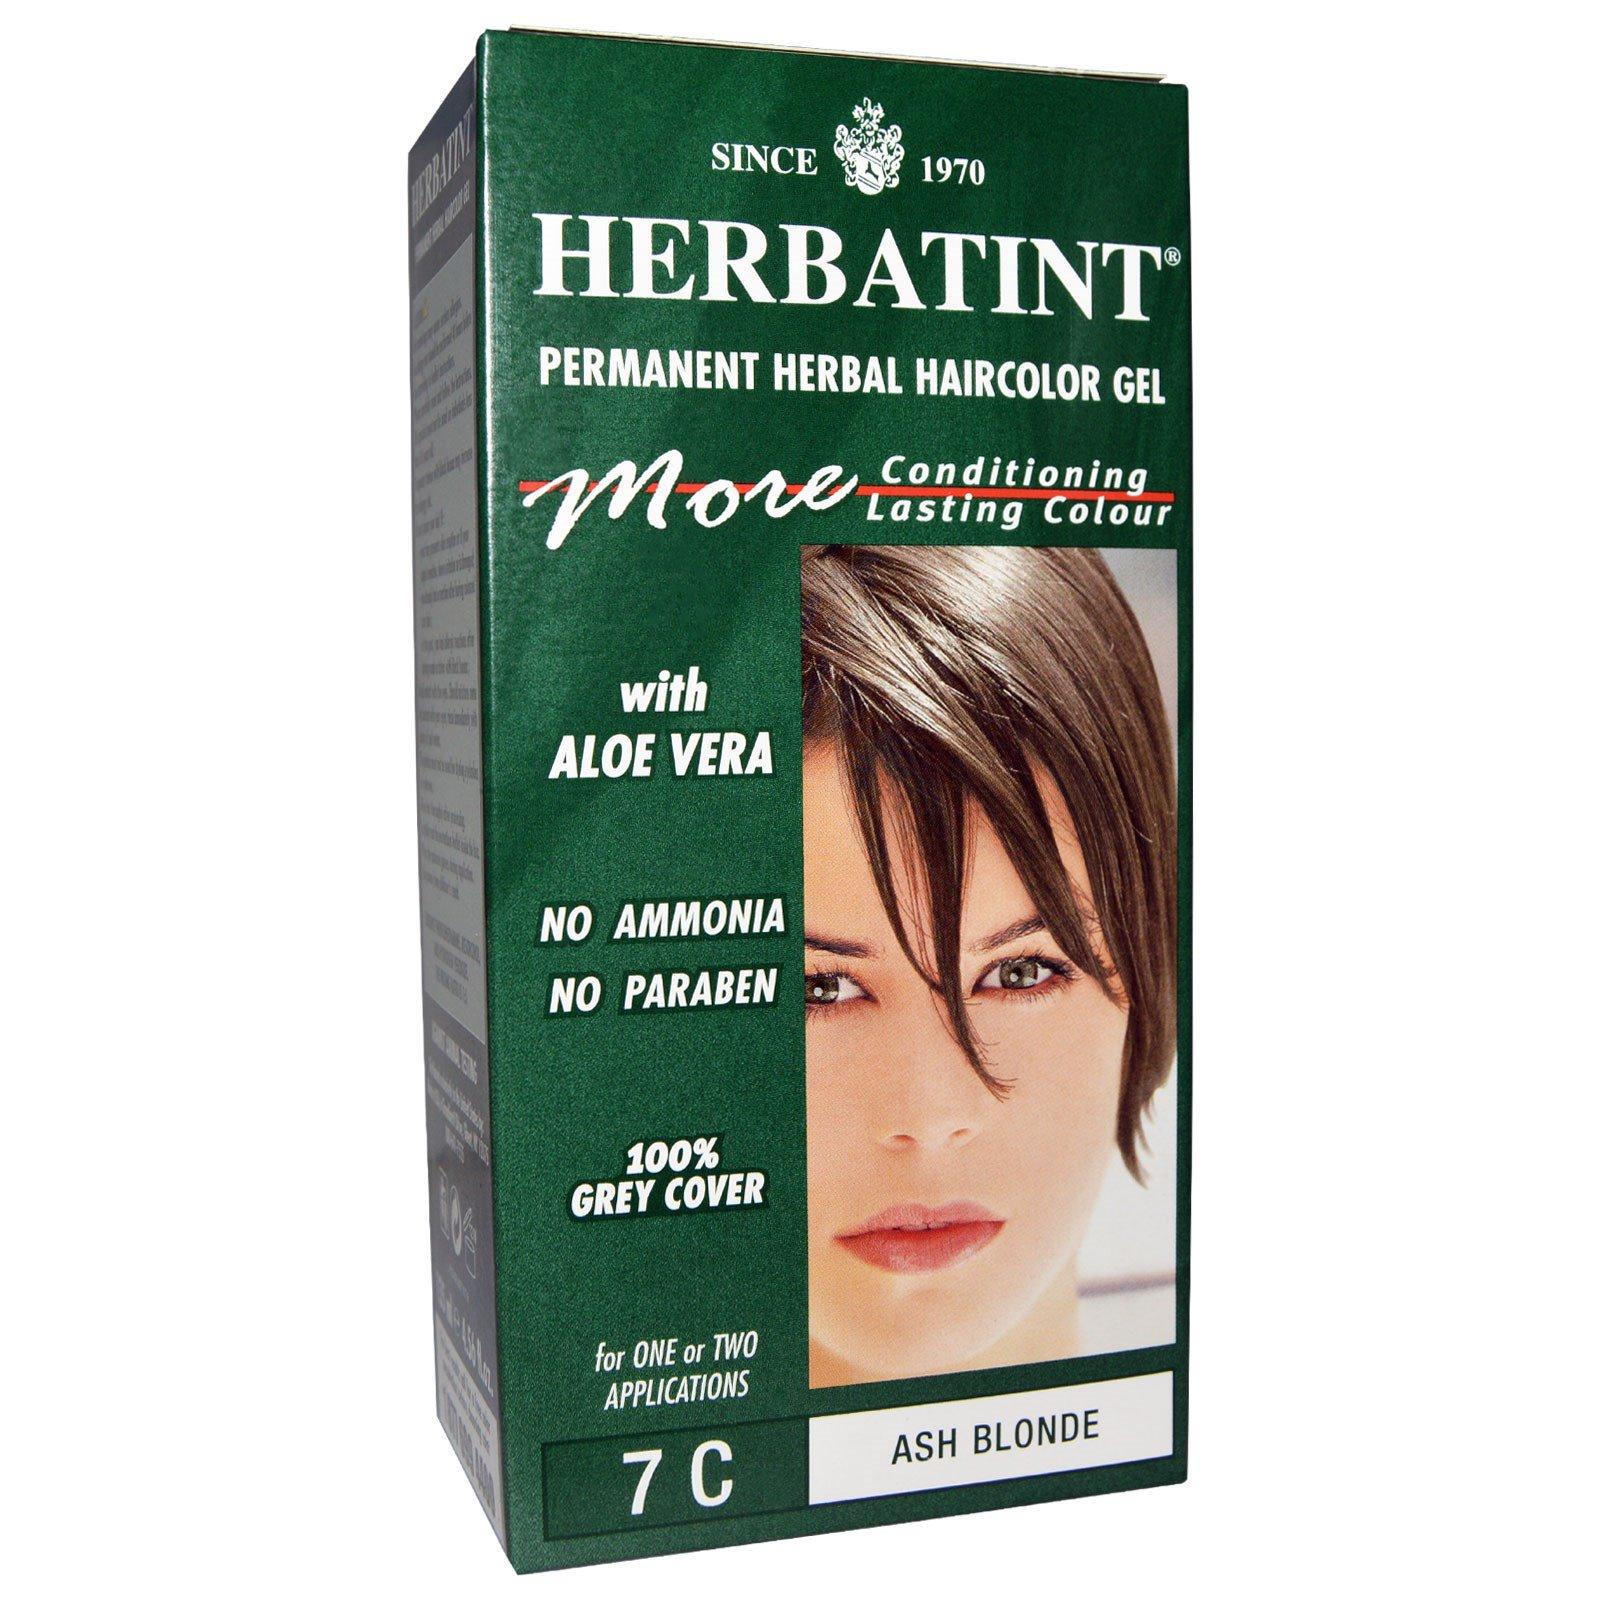 Herbatint, Permanent Herbal Haircolor Gel, 7C, Ash Blonde, 4.56 fl ...